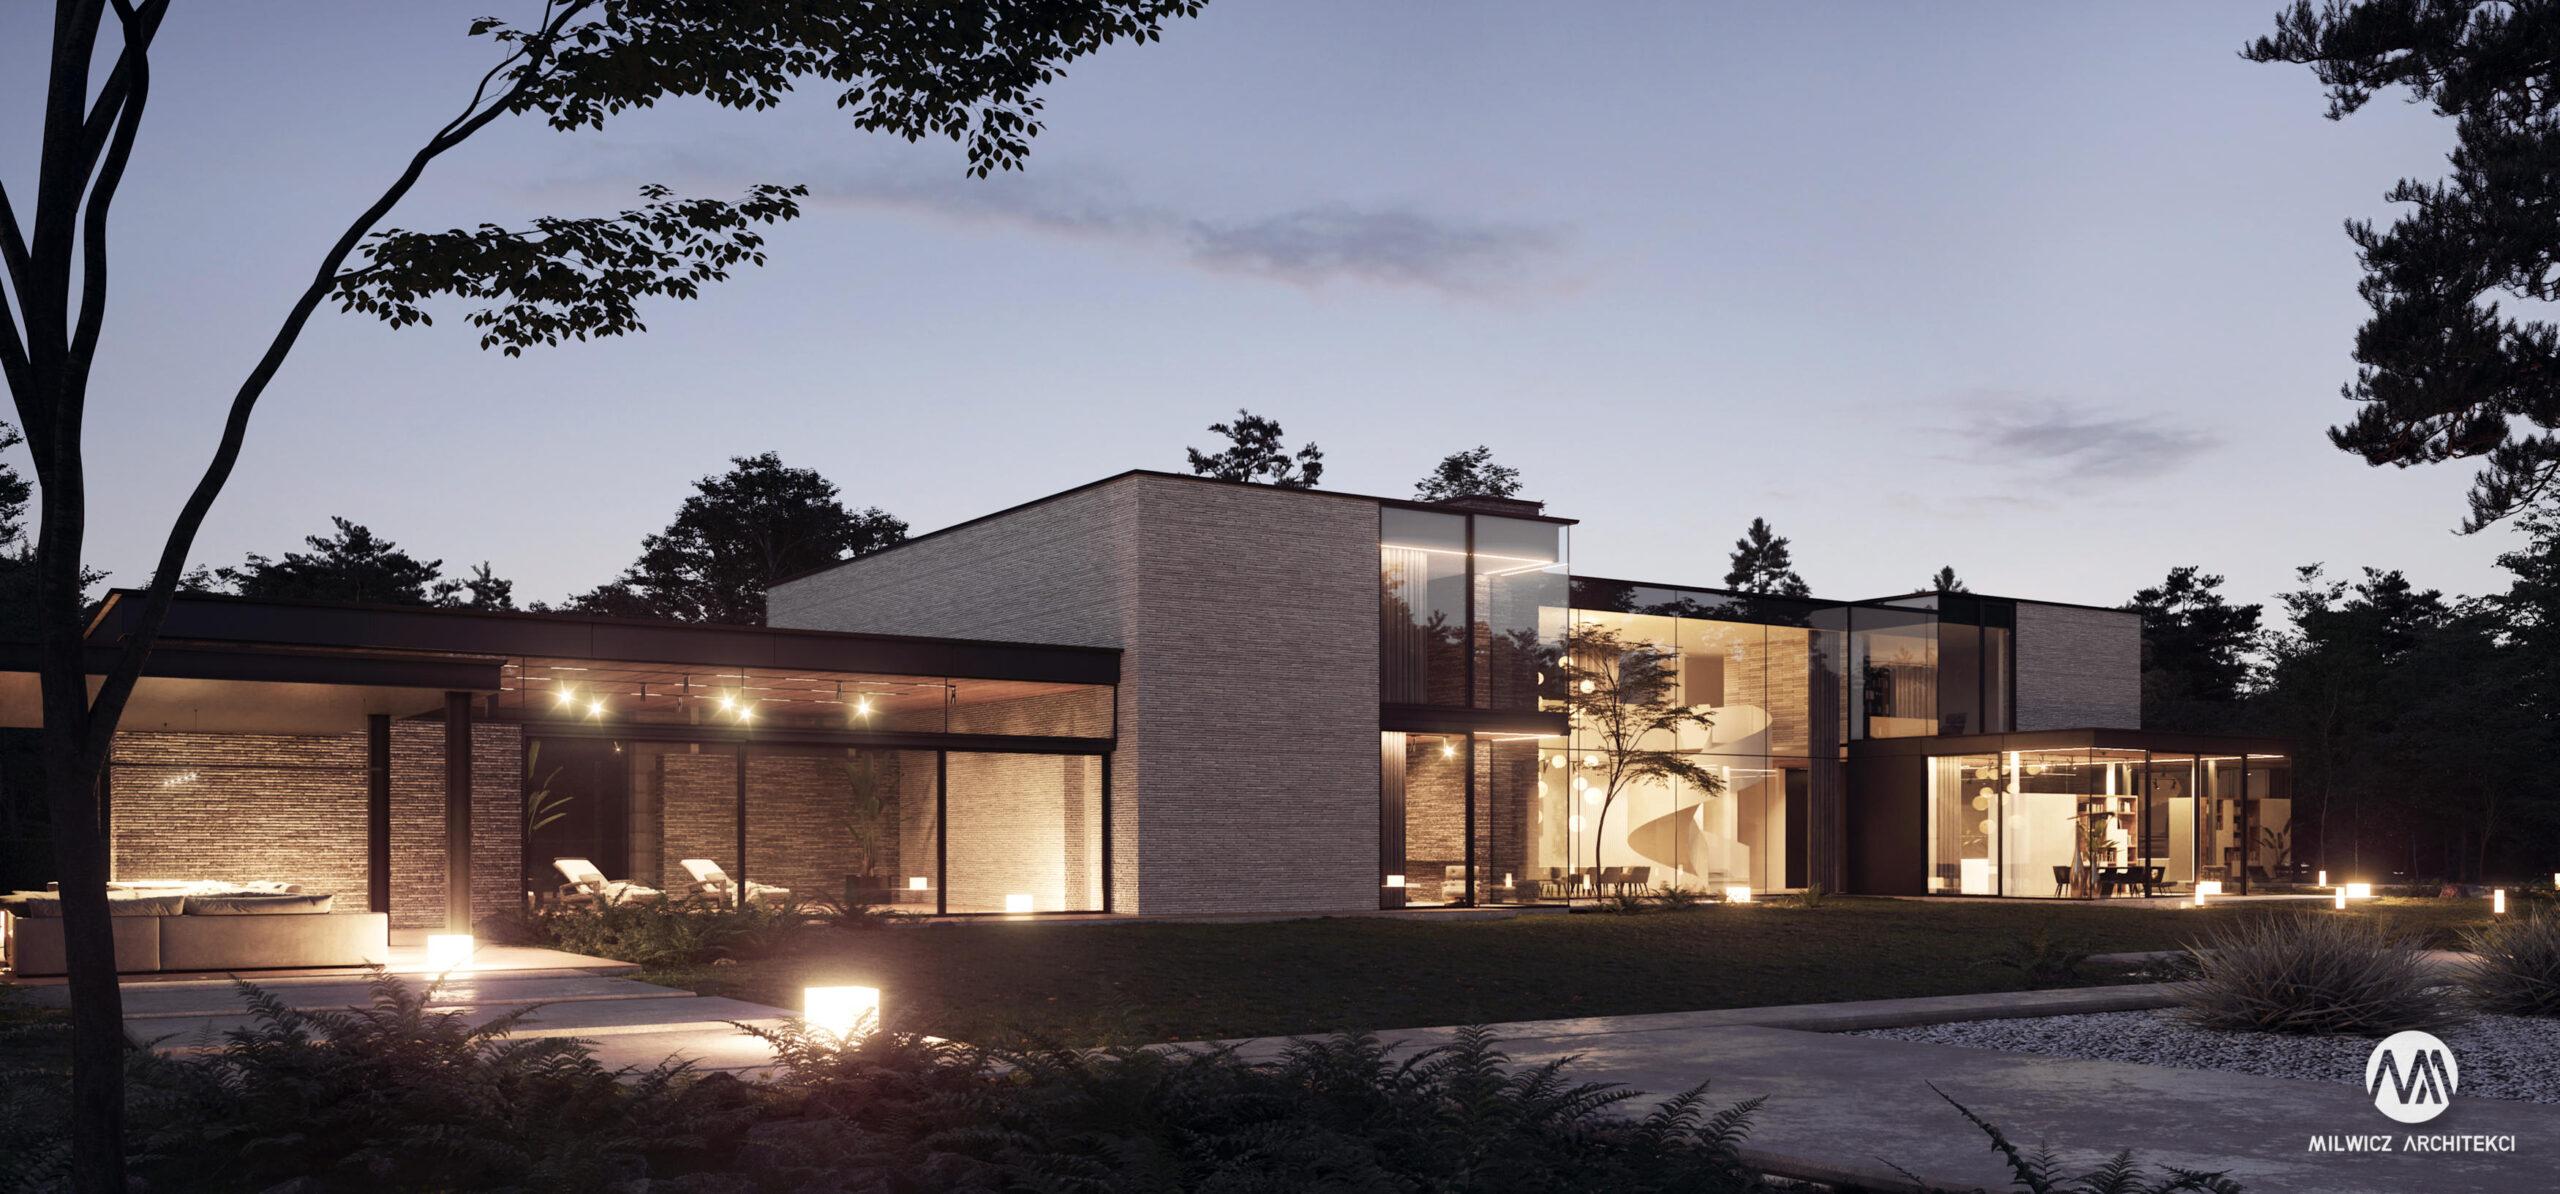 projekty indywidualne, nowoczesna architektura, modernizm, płaskie dachy, duże okna